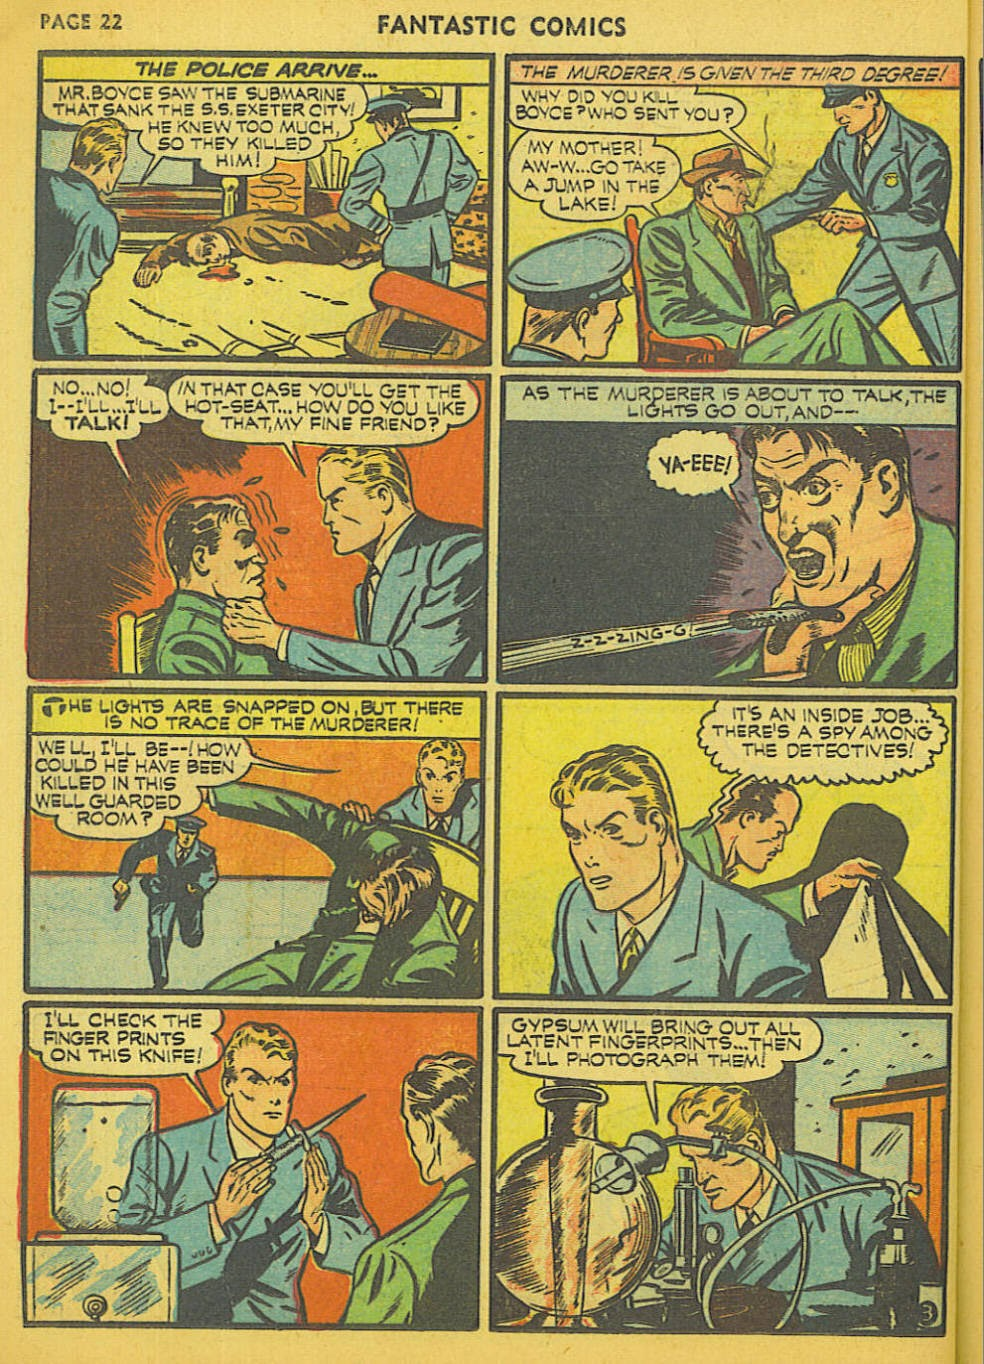 Read online Fantastic Comics comic -  Issue #15 - 16